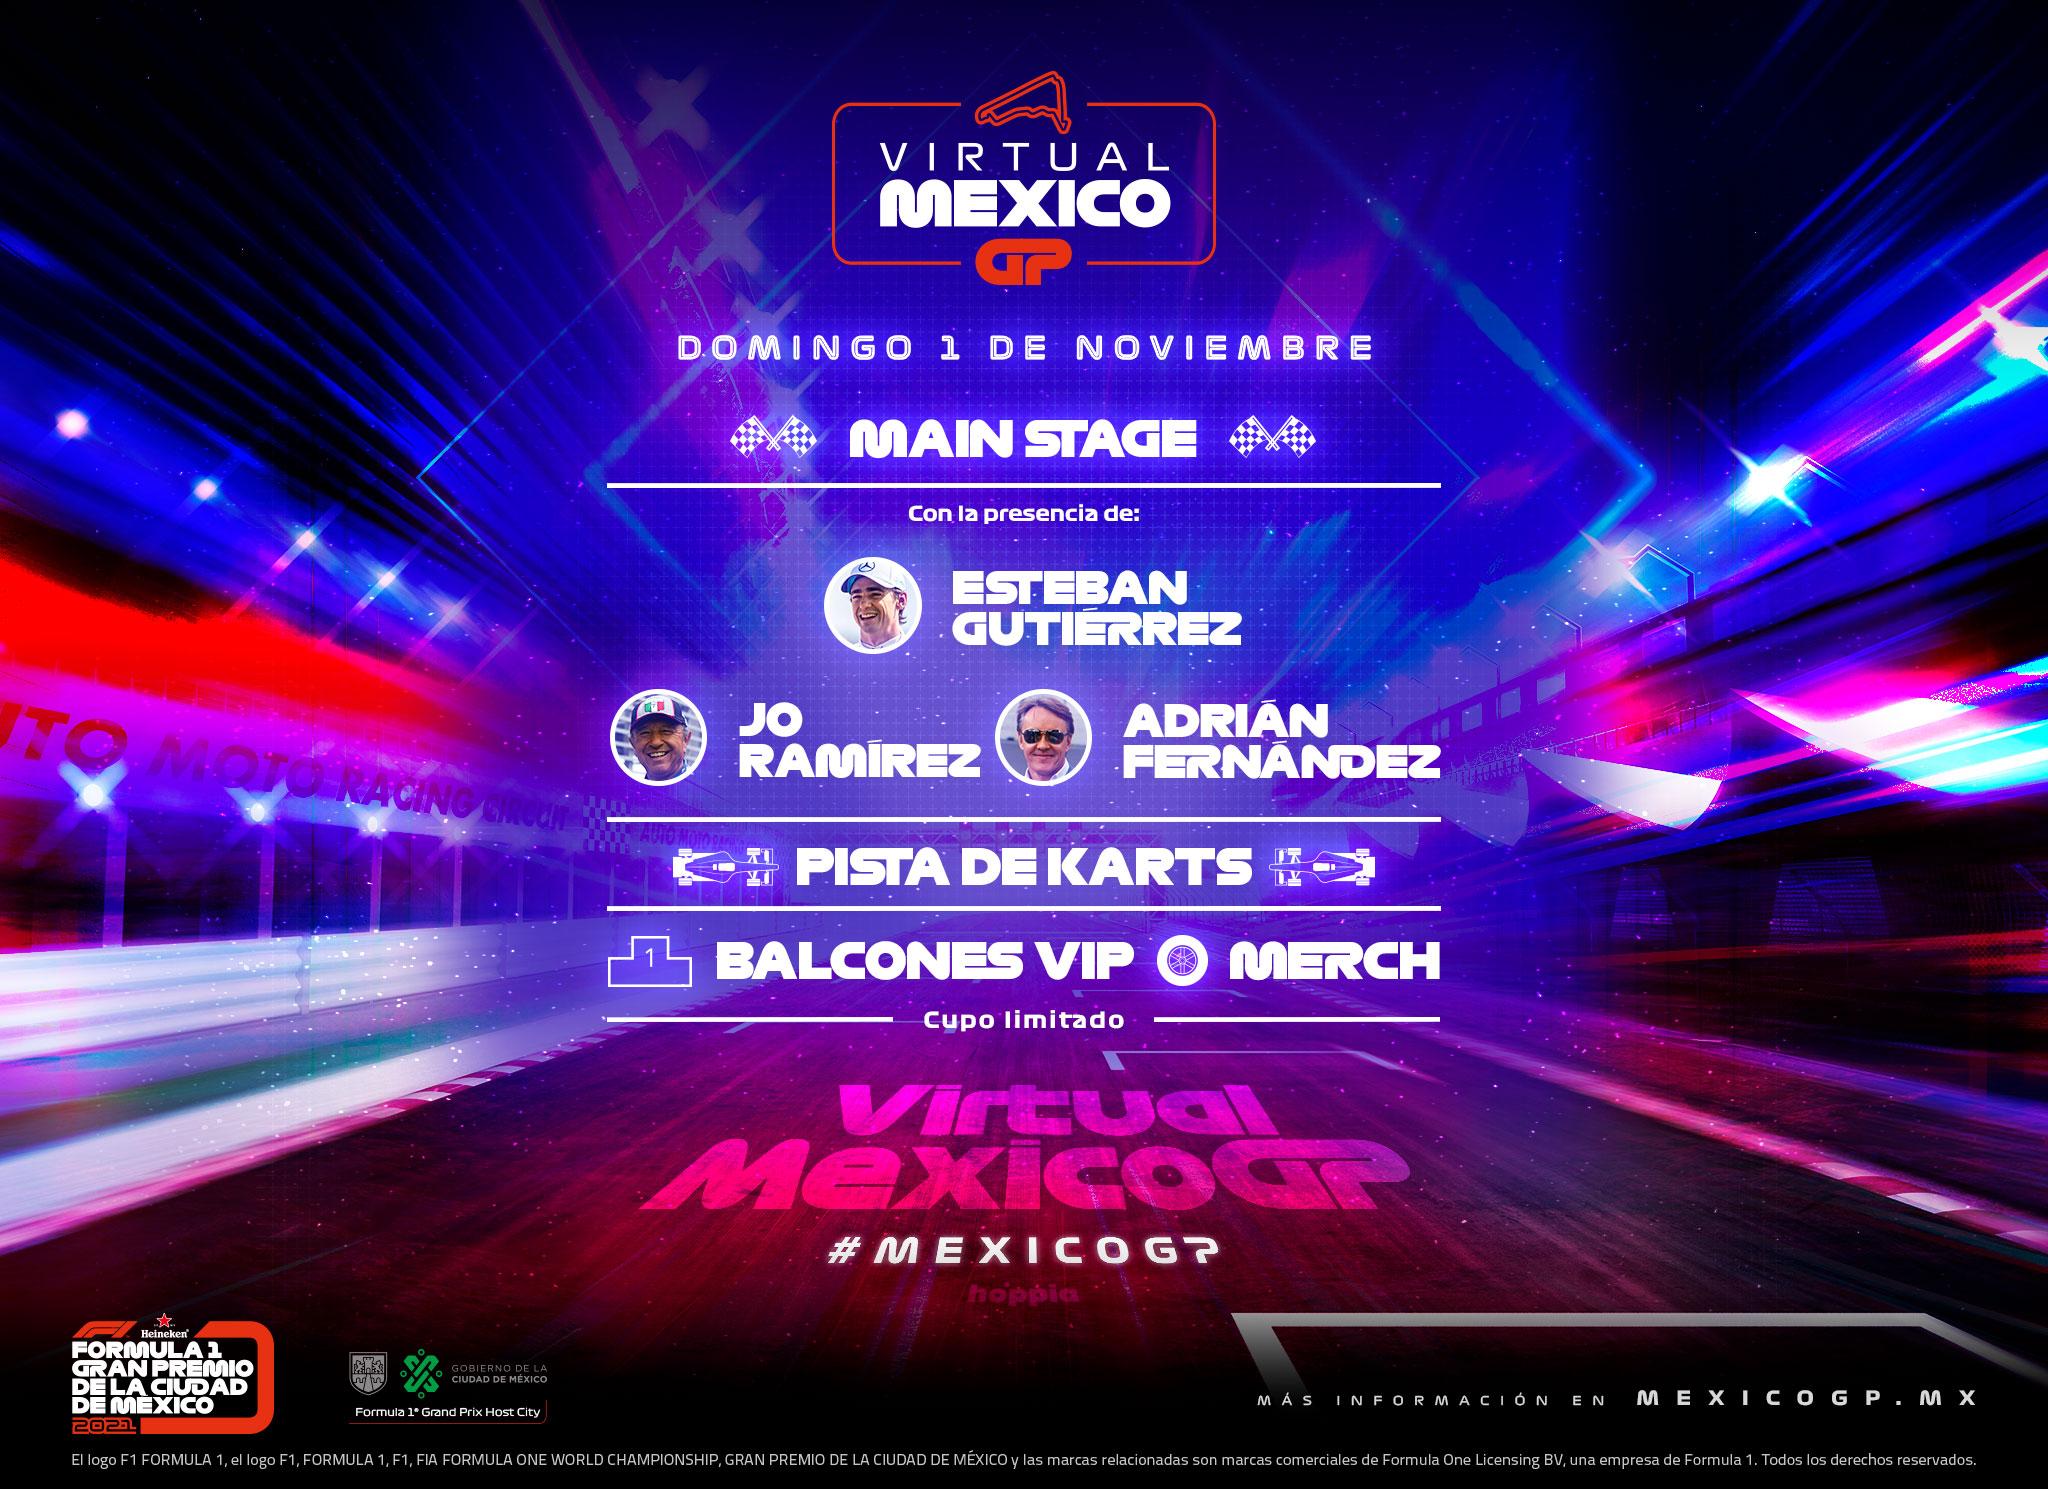 Virtual MexicoGP: El evento de la Fórmula 1 que suplirá el Gran Premio de México